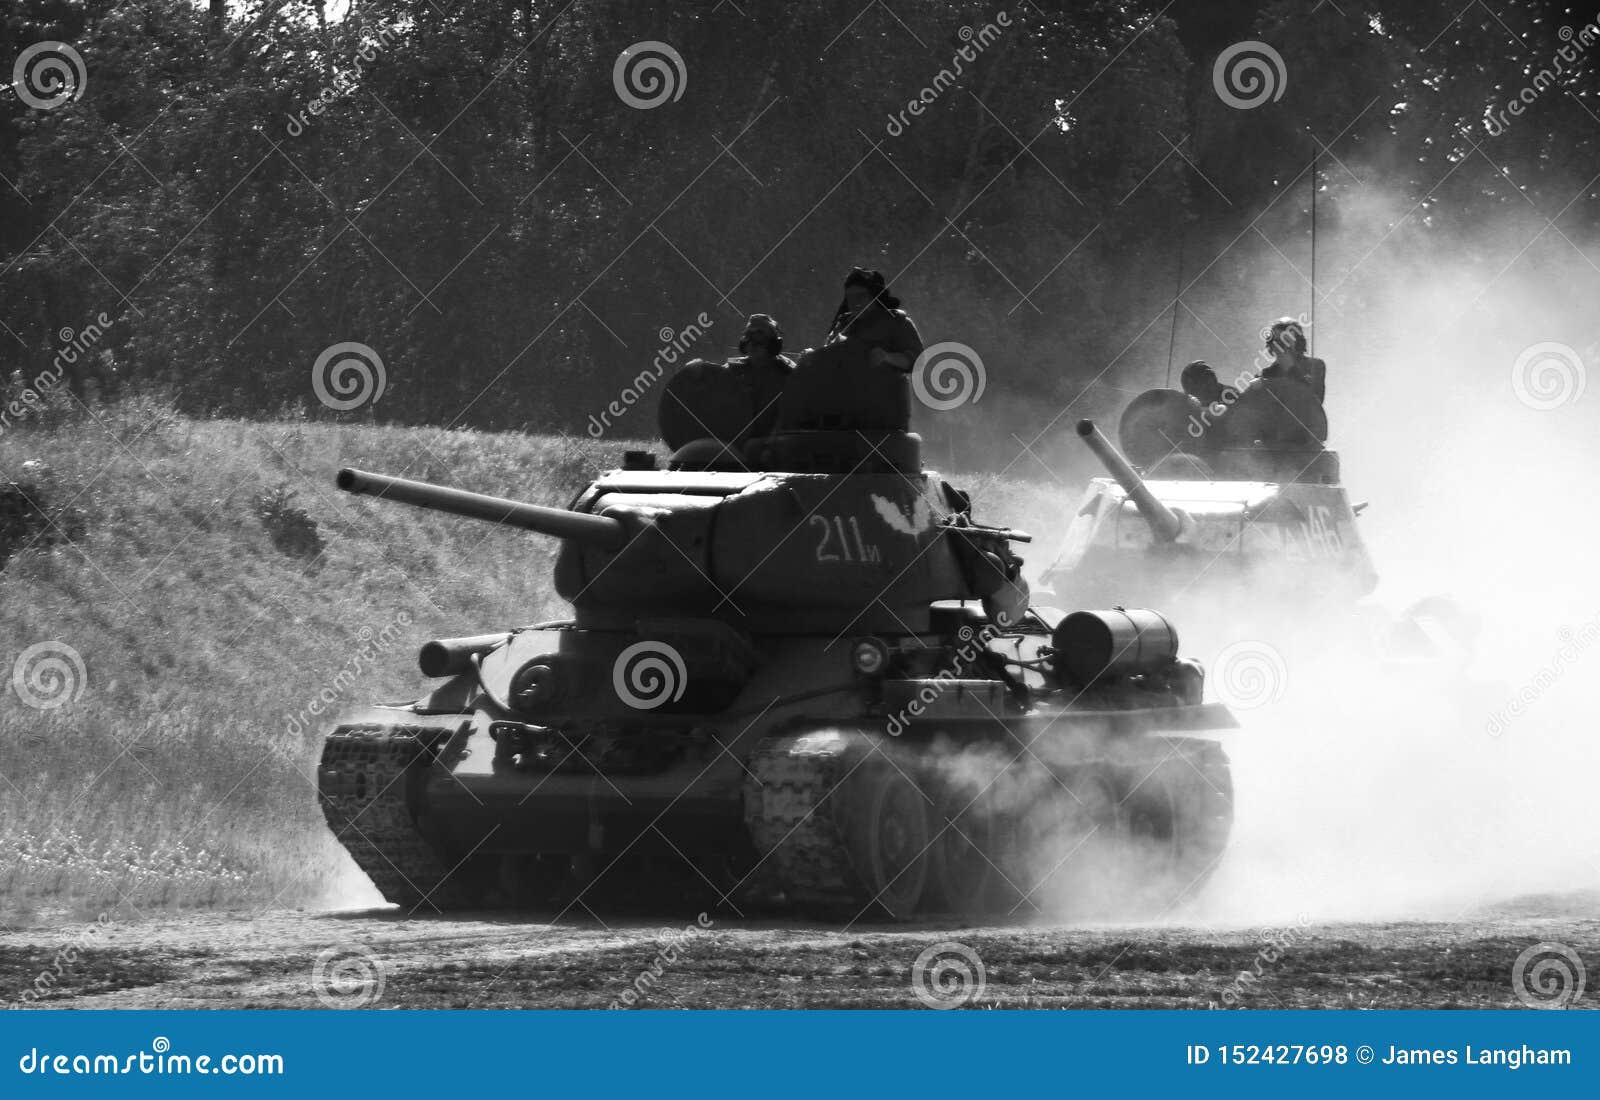 T34/85 tanks